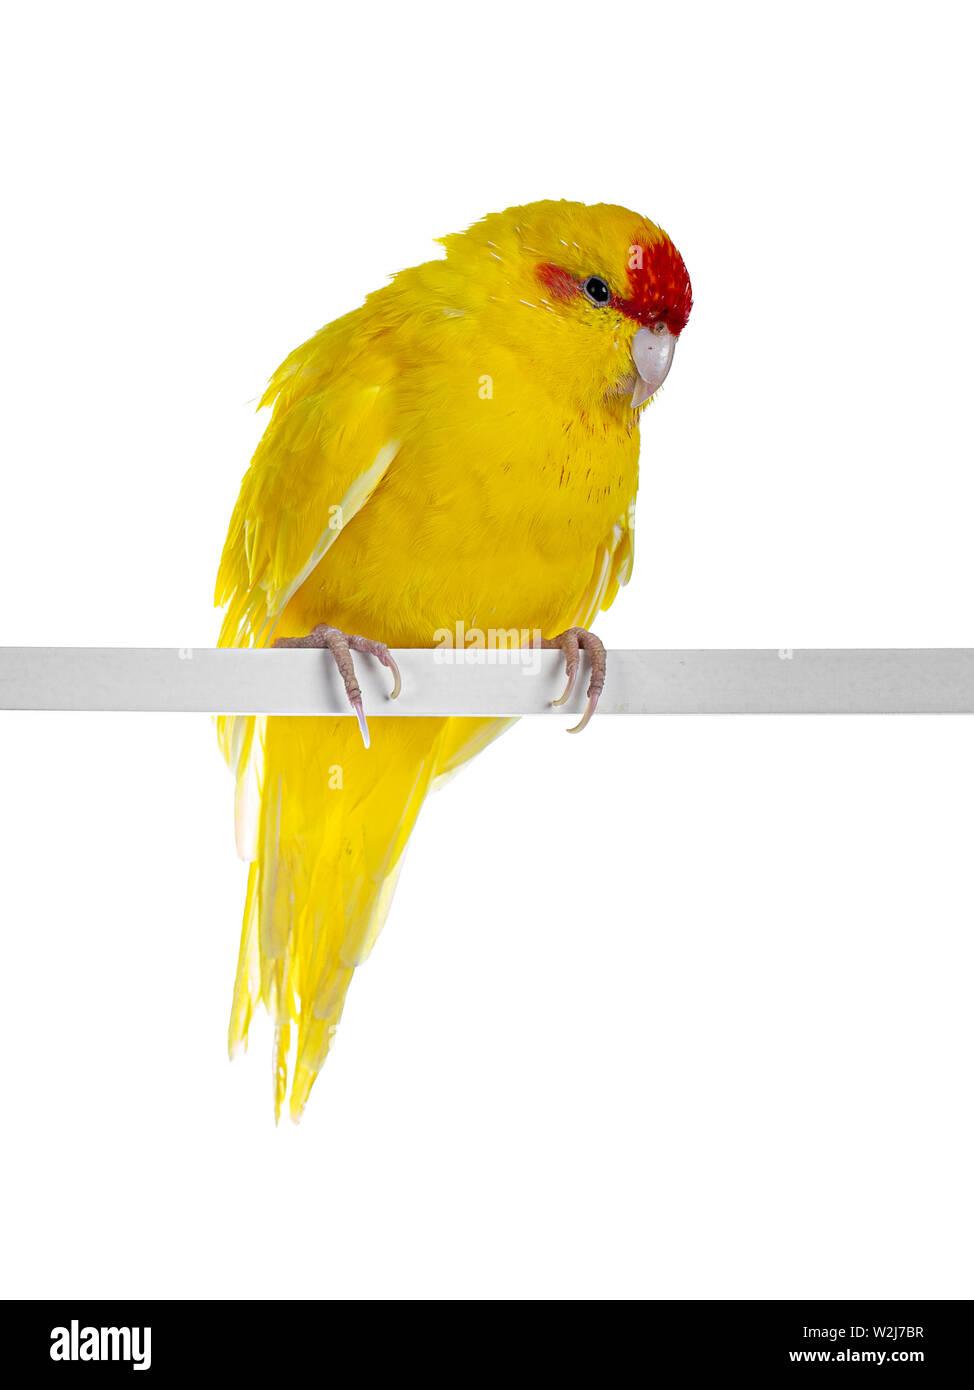 Red crowned yellow Kakariki bird, sitting side ways on white rod. Showing both eyes to camera. Isolated on white background. - Stock Image